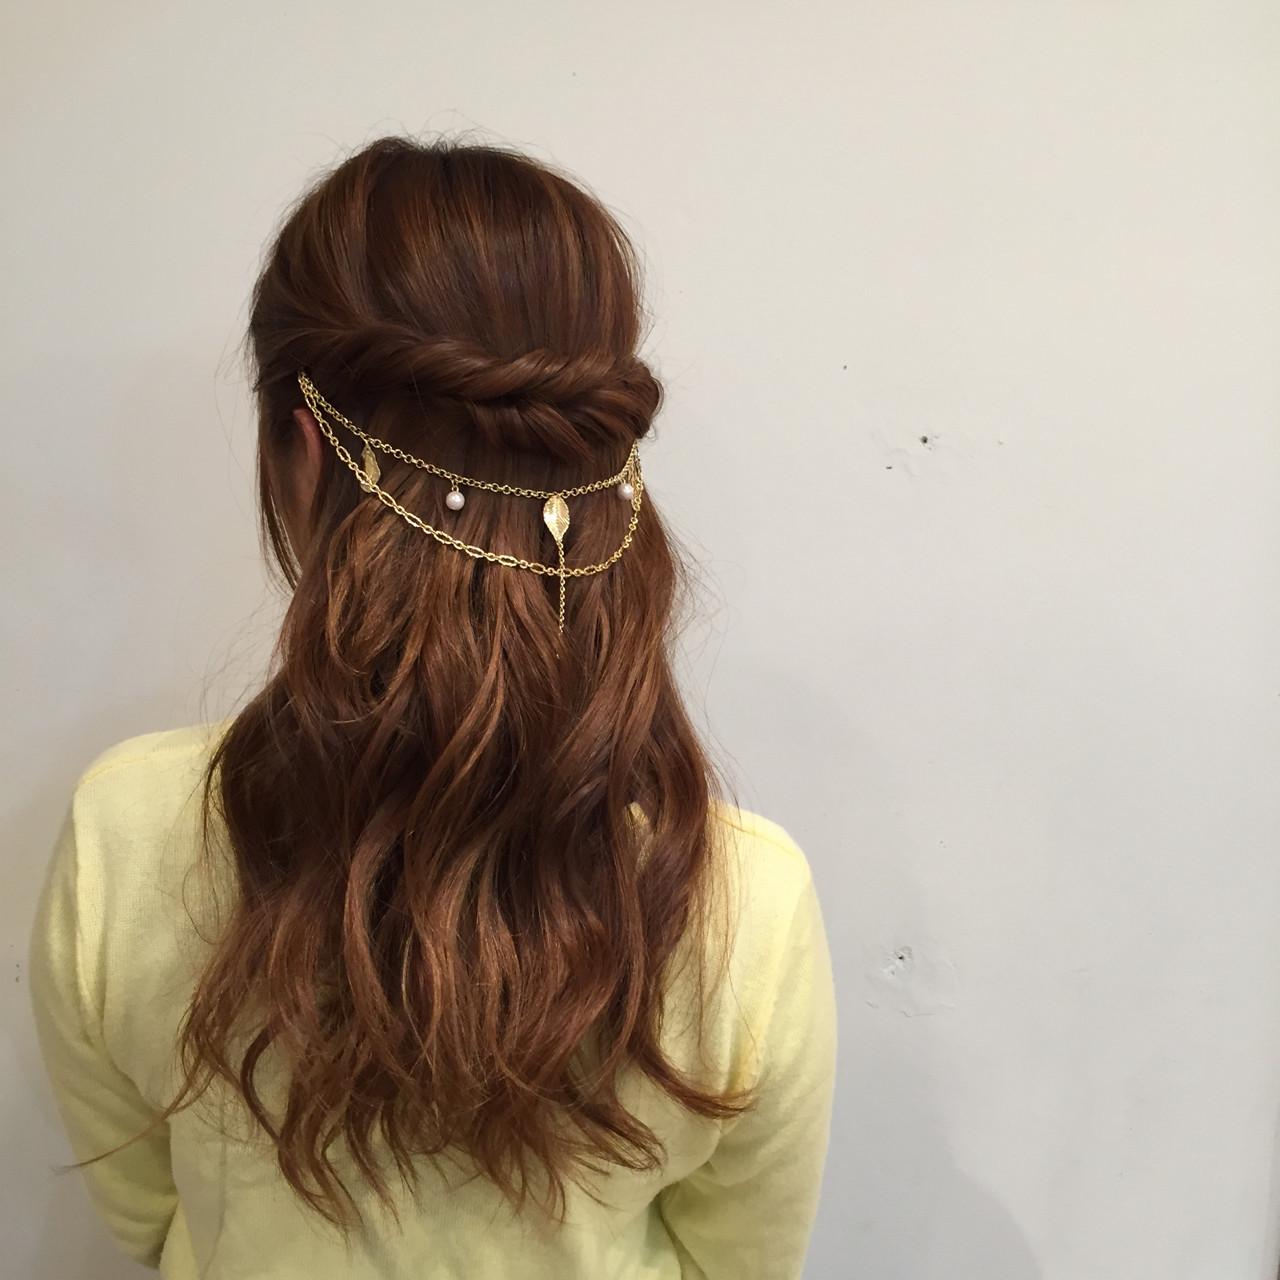 簡単に髪をまとめる方法とアレンジご紹介!ちゃちゃっとカワイクなっちゃう? 阪田充章